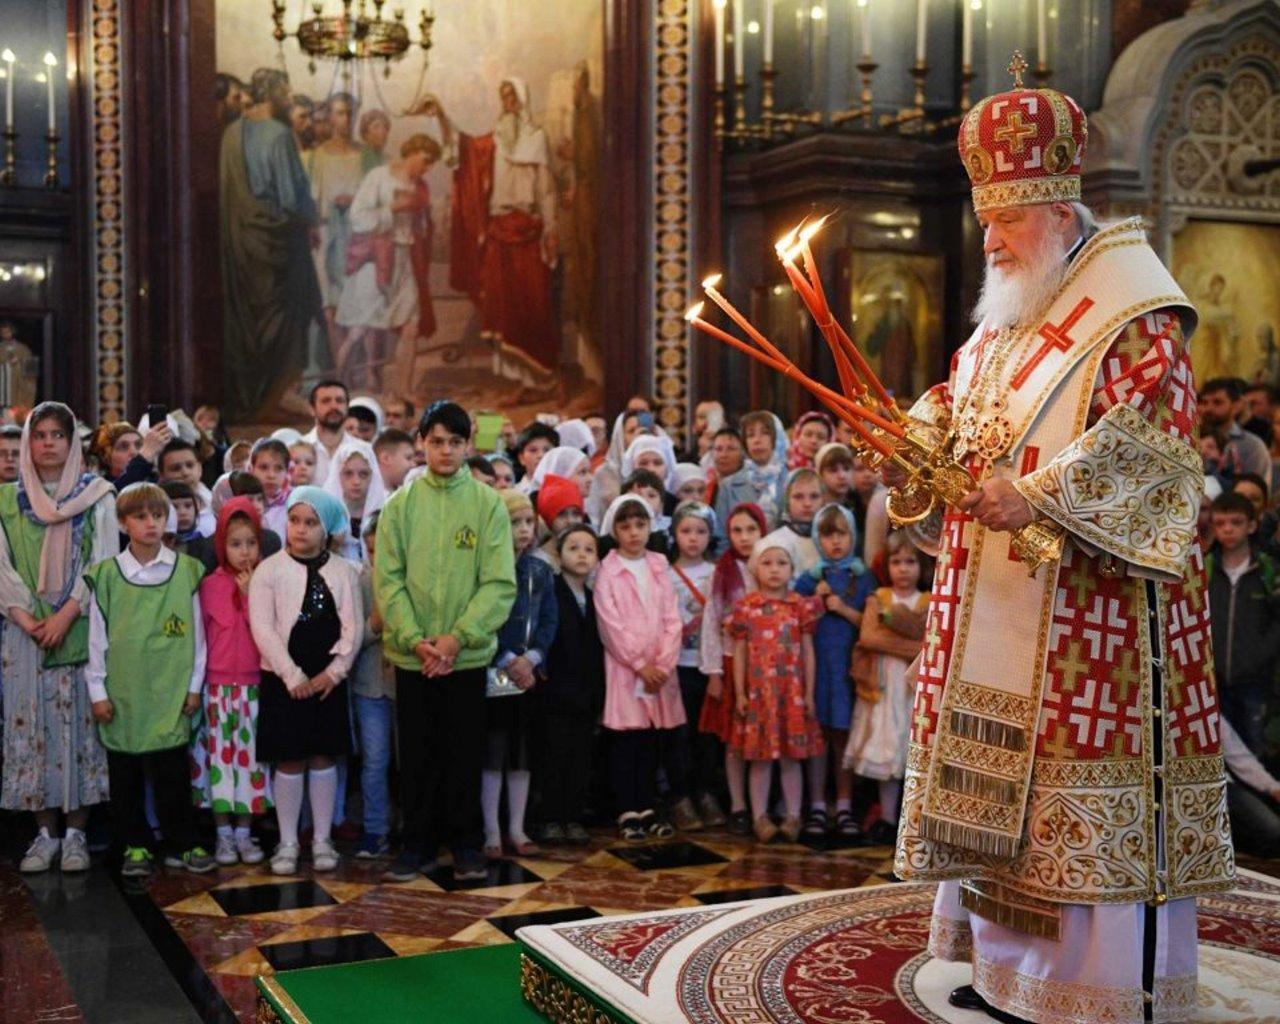 Отчет по мероприятиям воскресных школ благочиния Ставропигиальных приходов и Патриарших подворий М.О. за май 2019 год